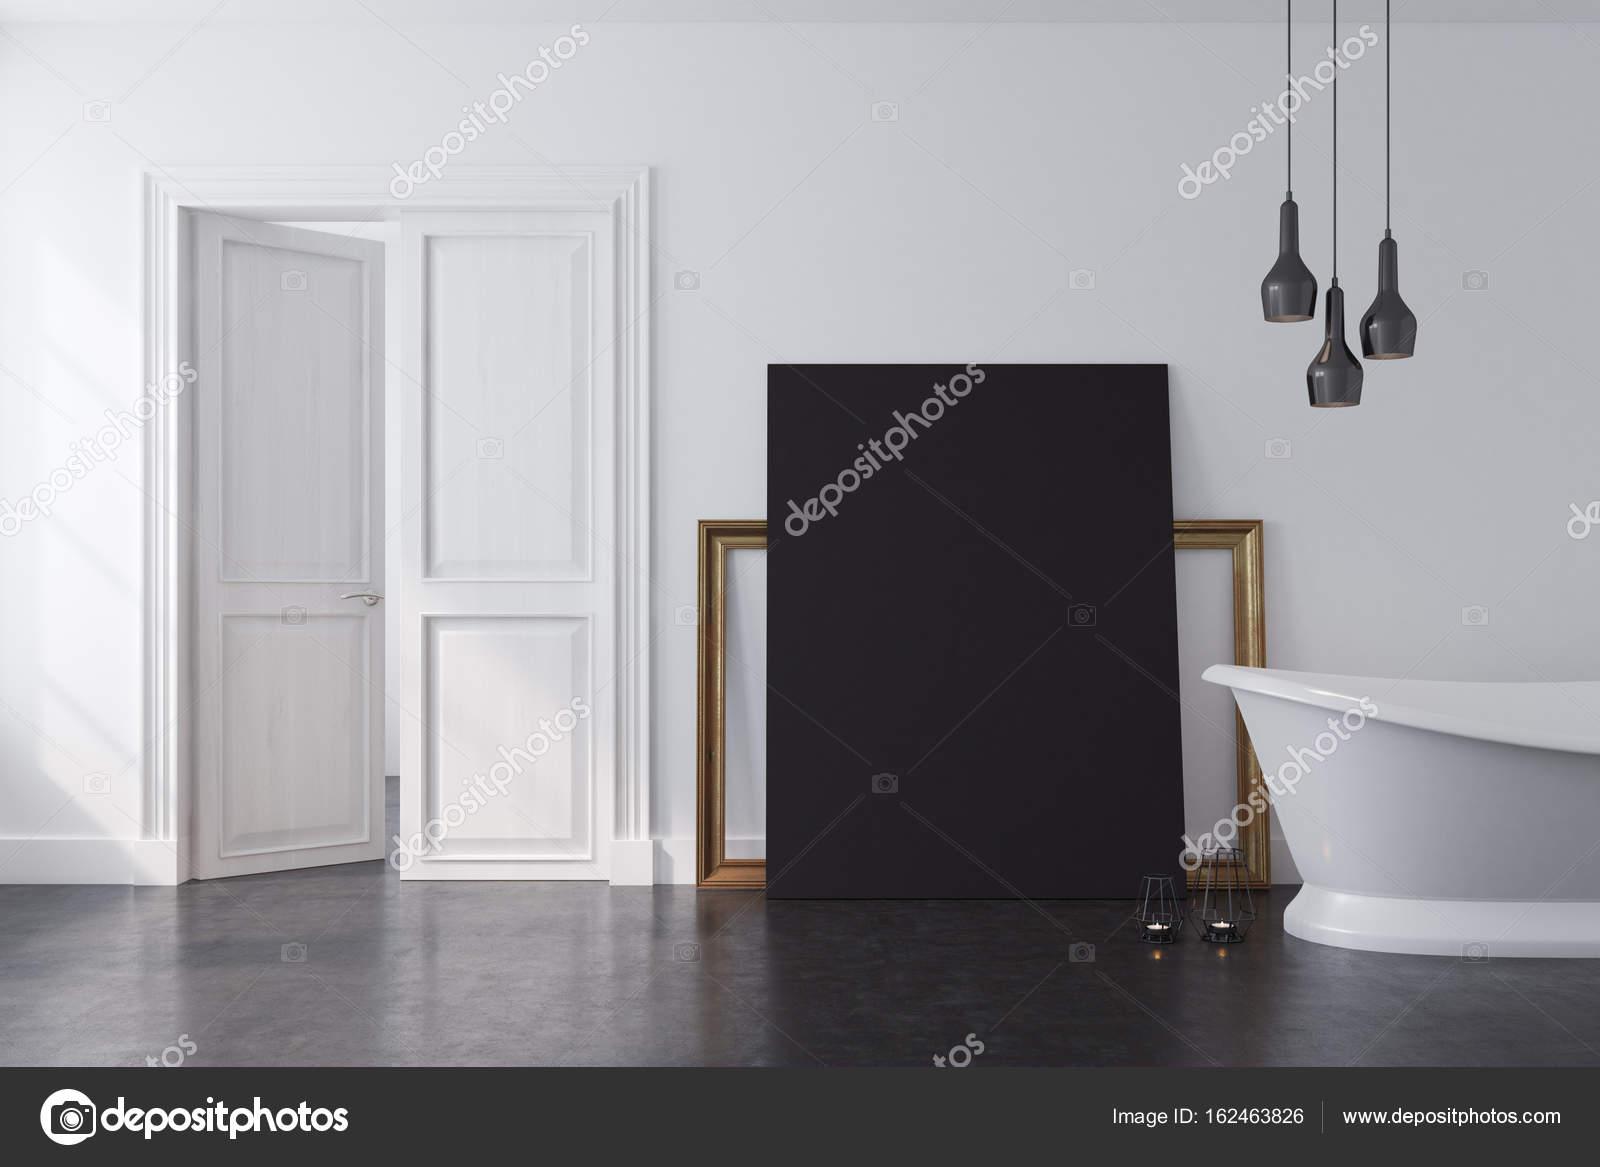 Weiße Badezimmer, schwarz poster — Stockfoto © denisismagilov #162463826